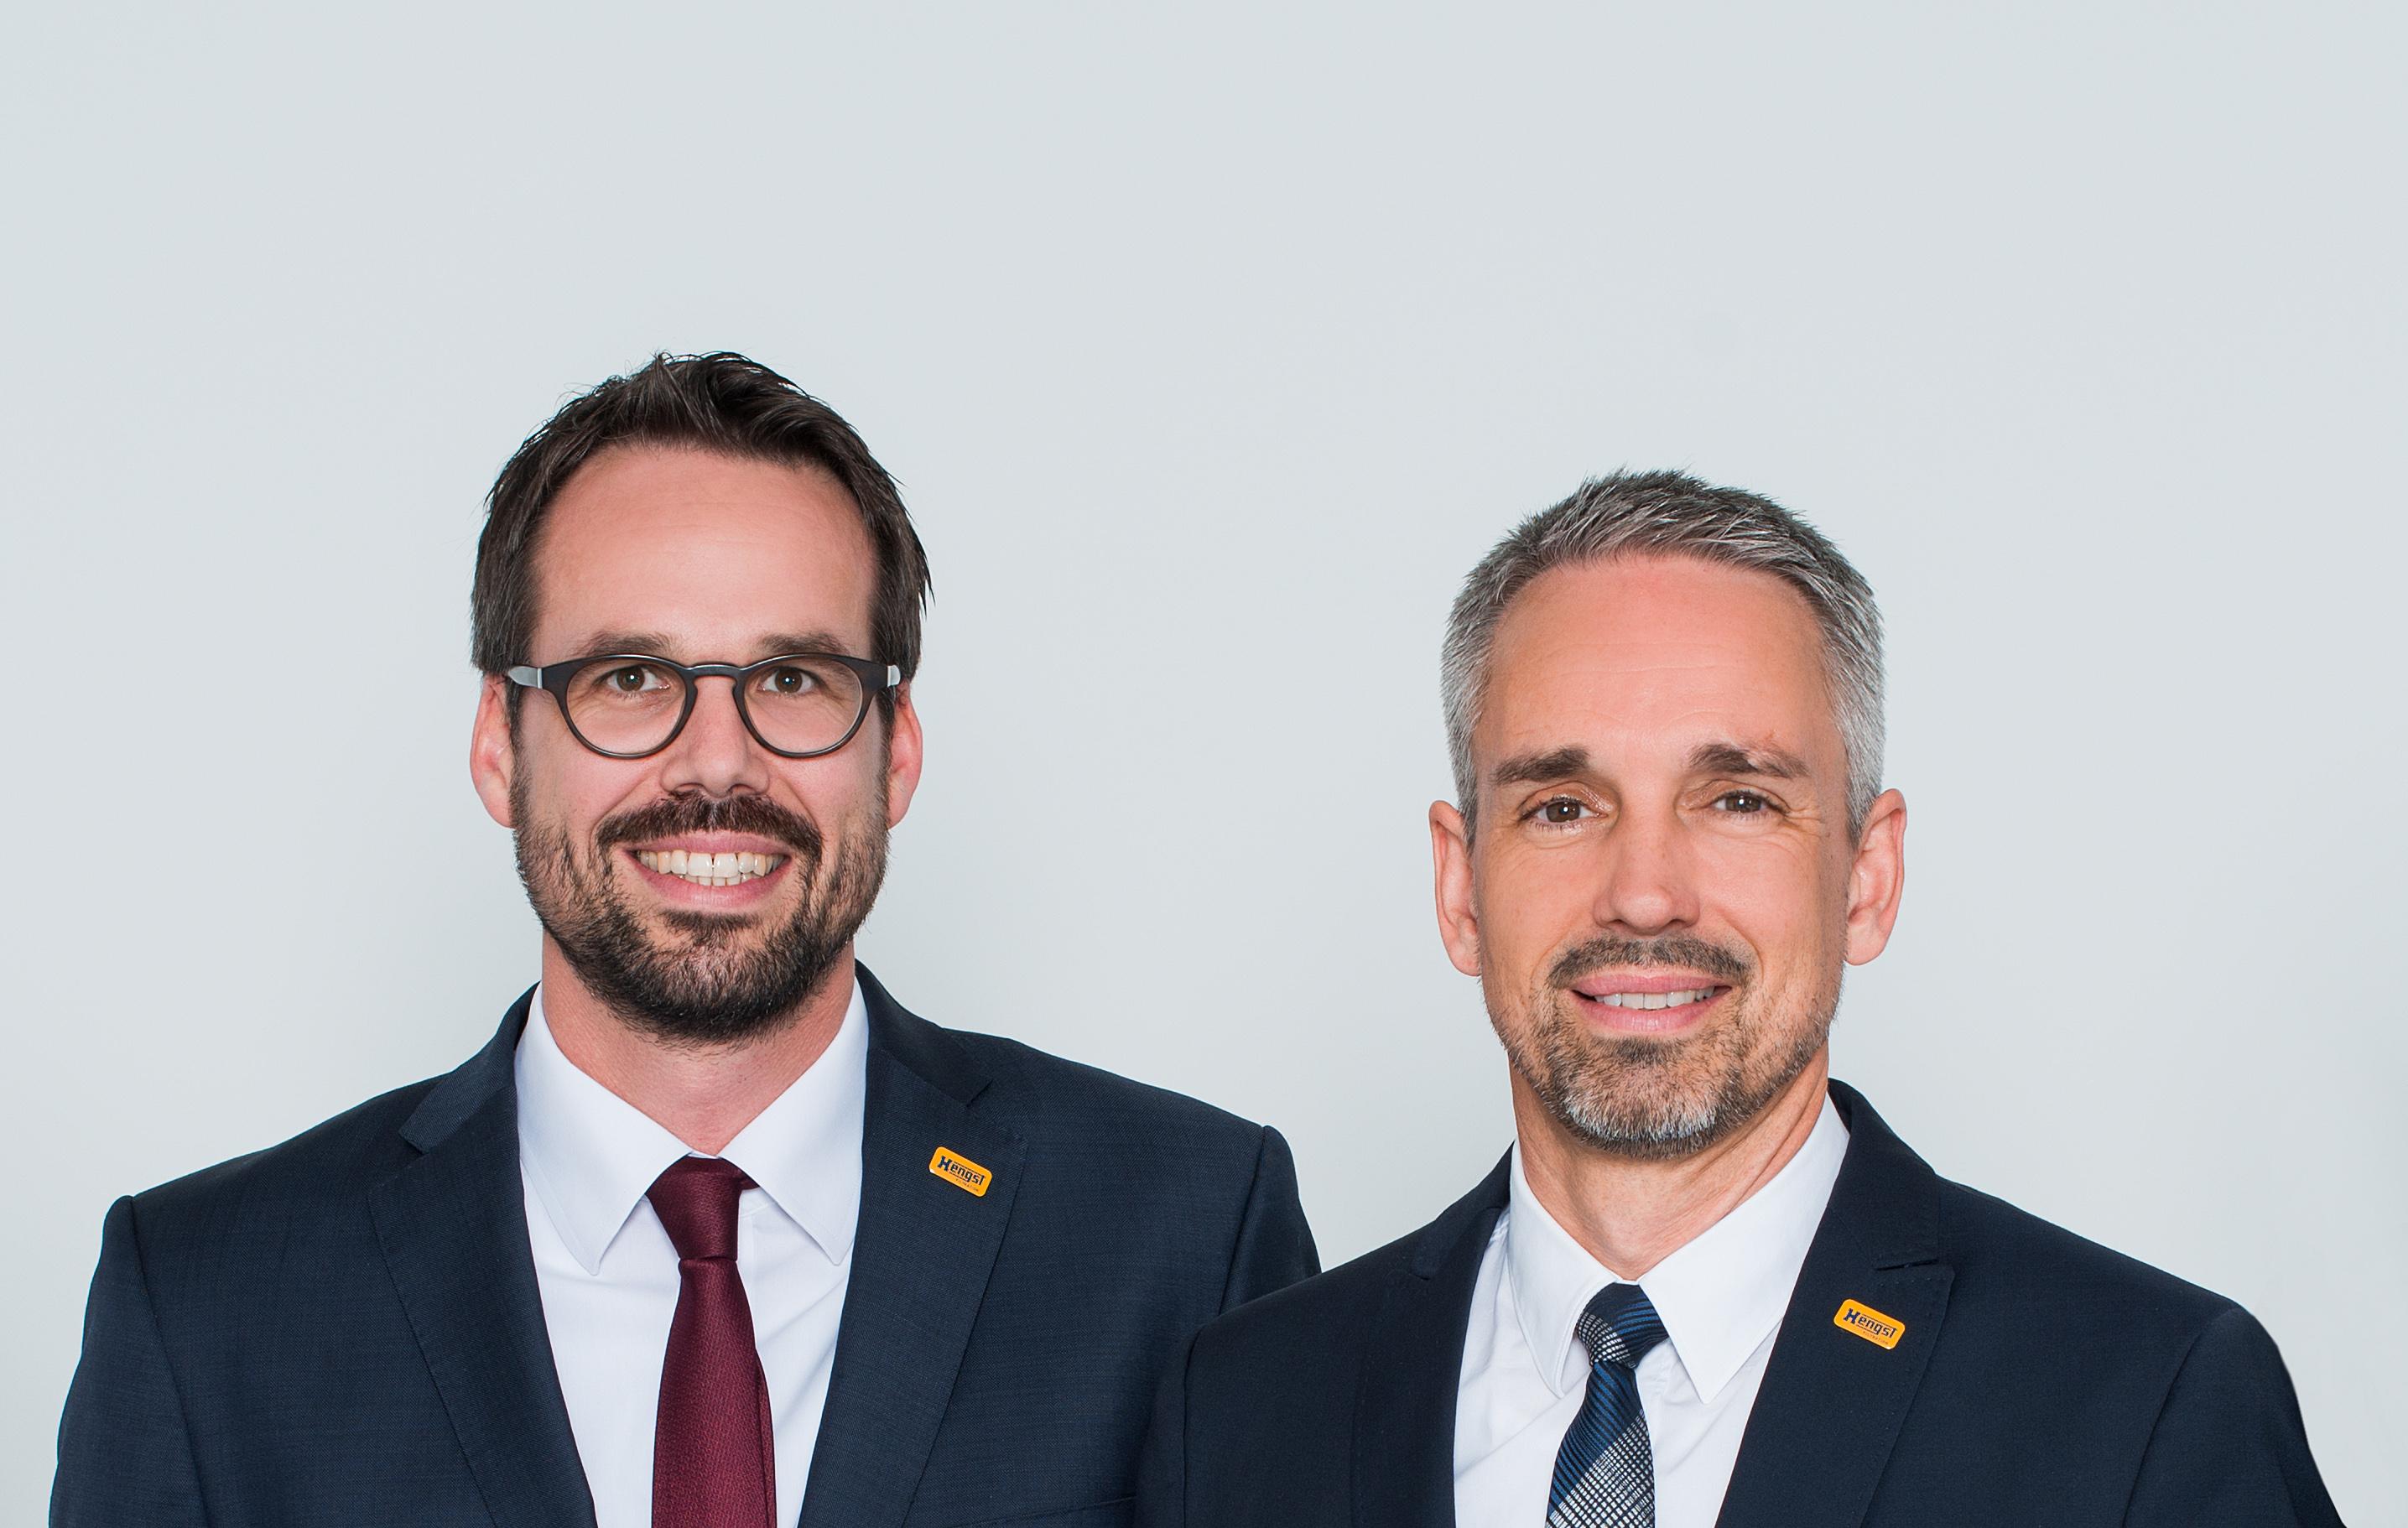 Von links: Christopher Heine – Chief Executive Officer, Jens Röttgering – Geschäftsführender Gesellschafter und Vorsitzender des Boards Hengst Filtration (Foto: Hengst)